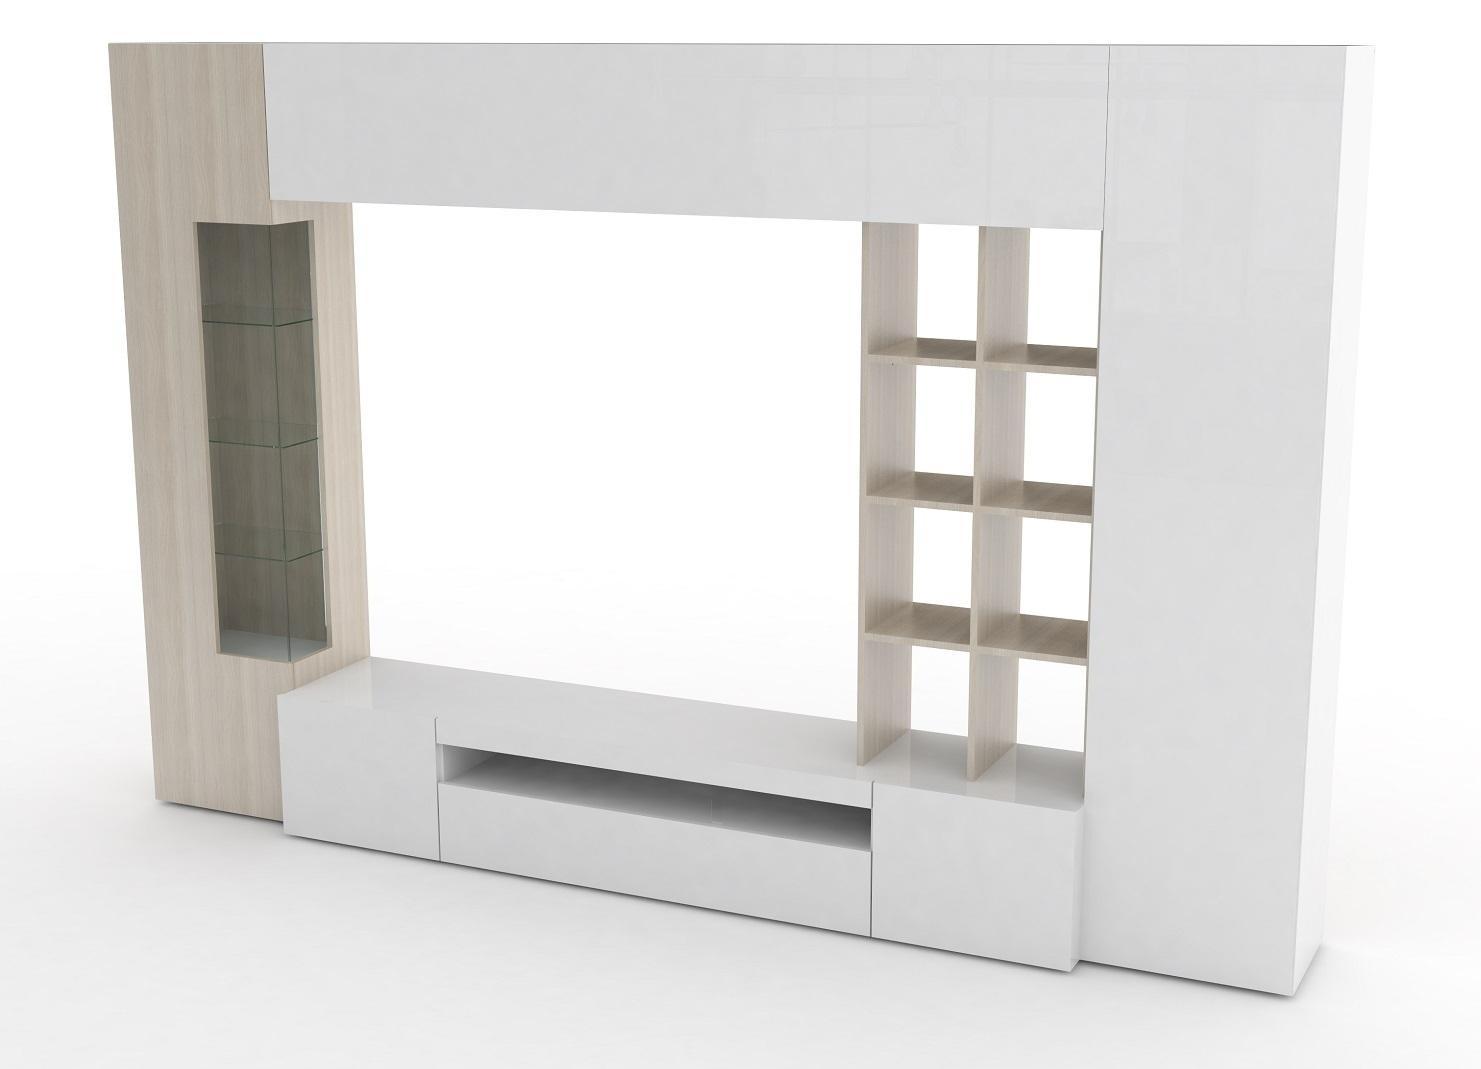 Soggiorno moderno parigi mobile porta tv composizione parete for Mobile design soggiorno